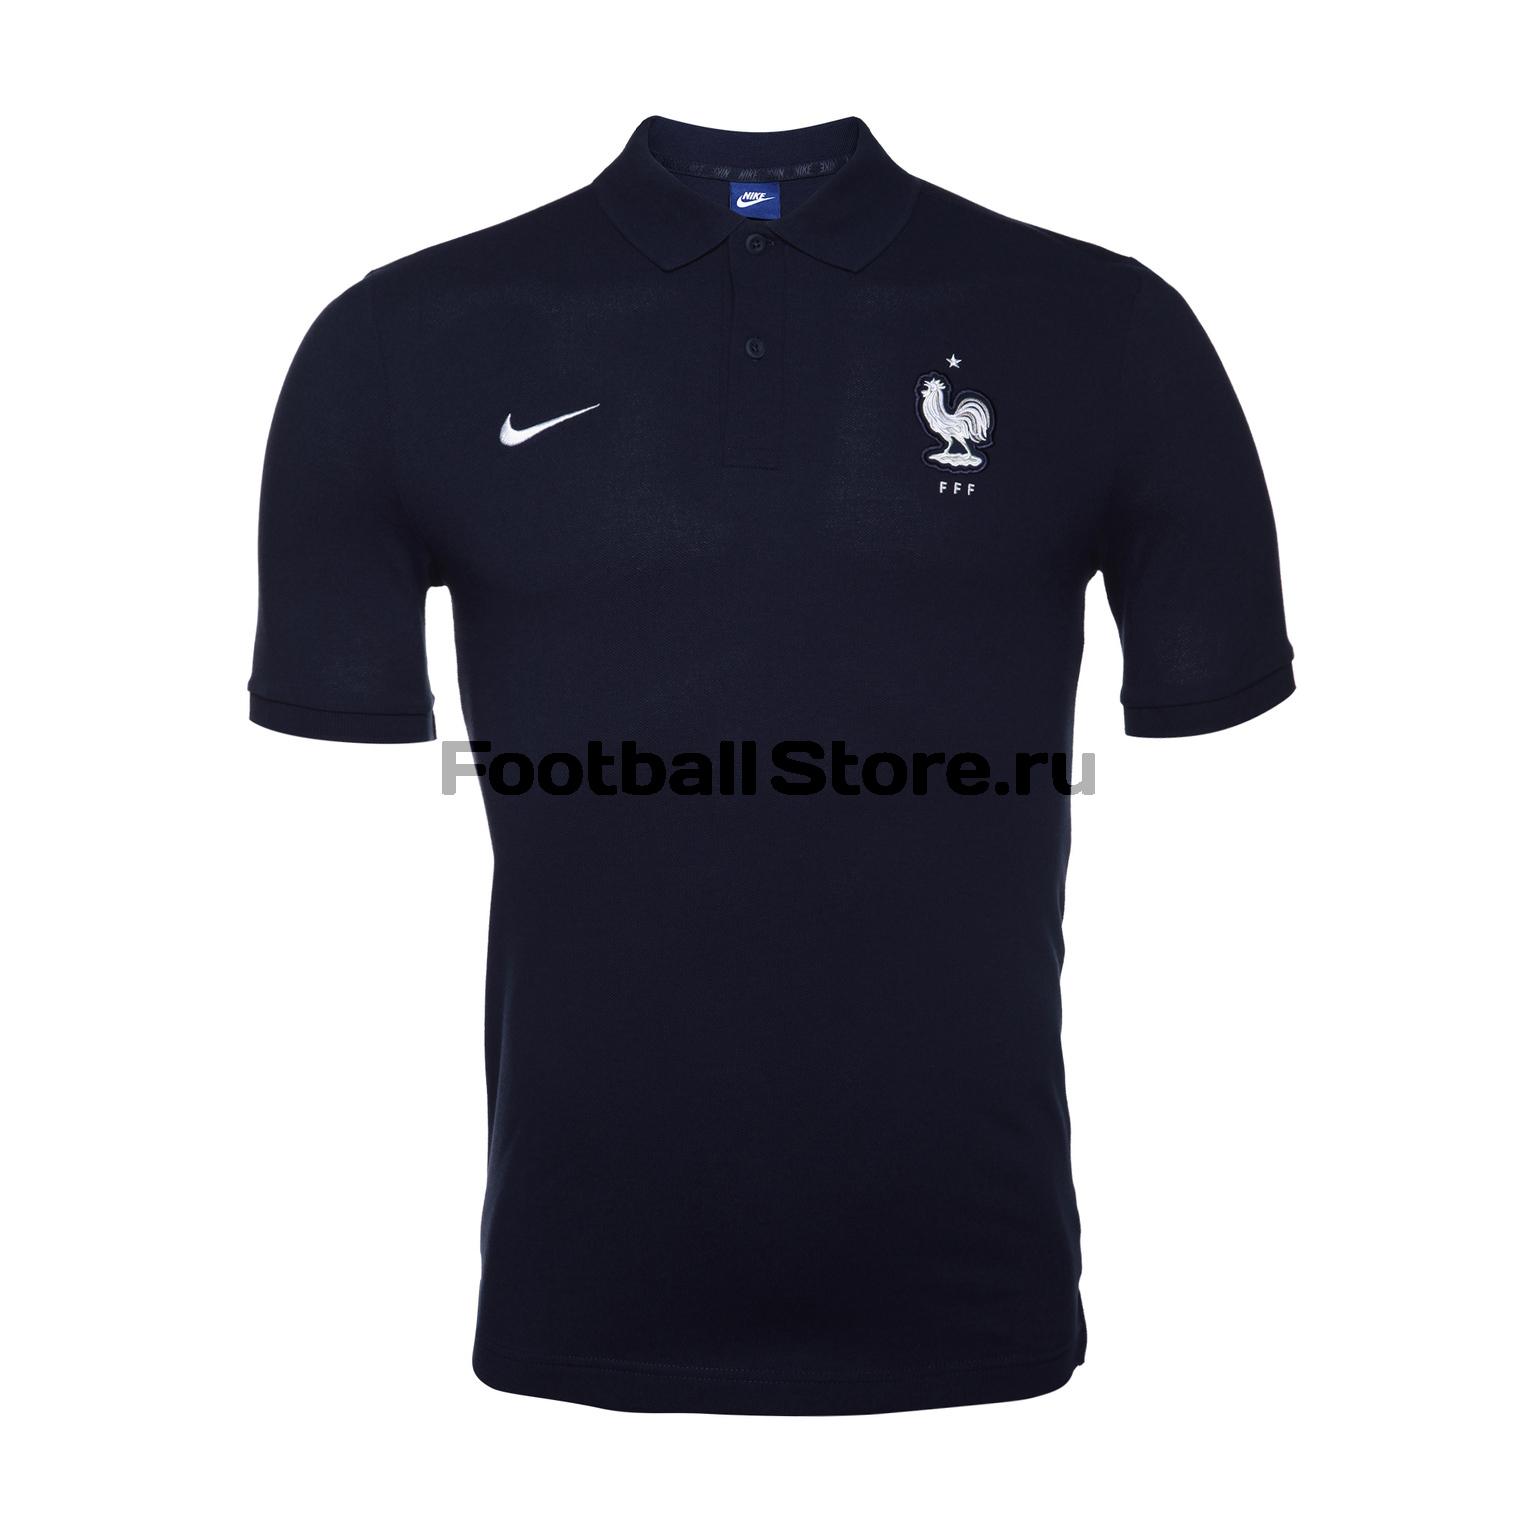 Поло Nike сборной Франции 891479-451